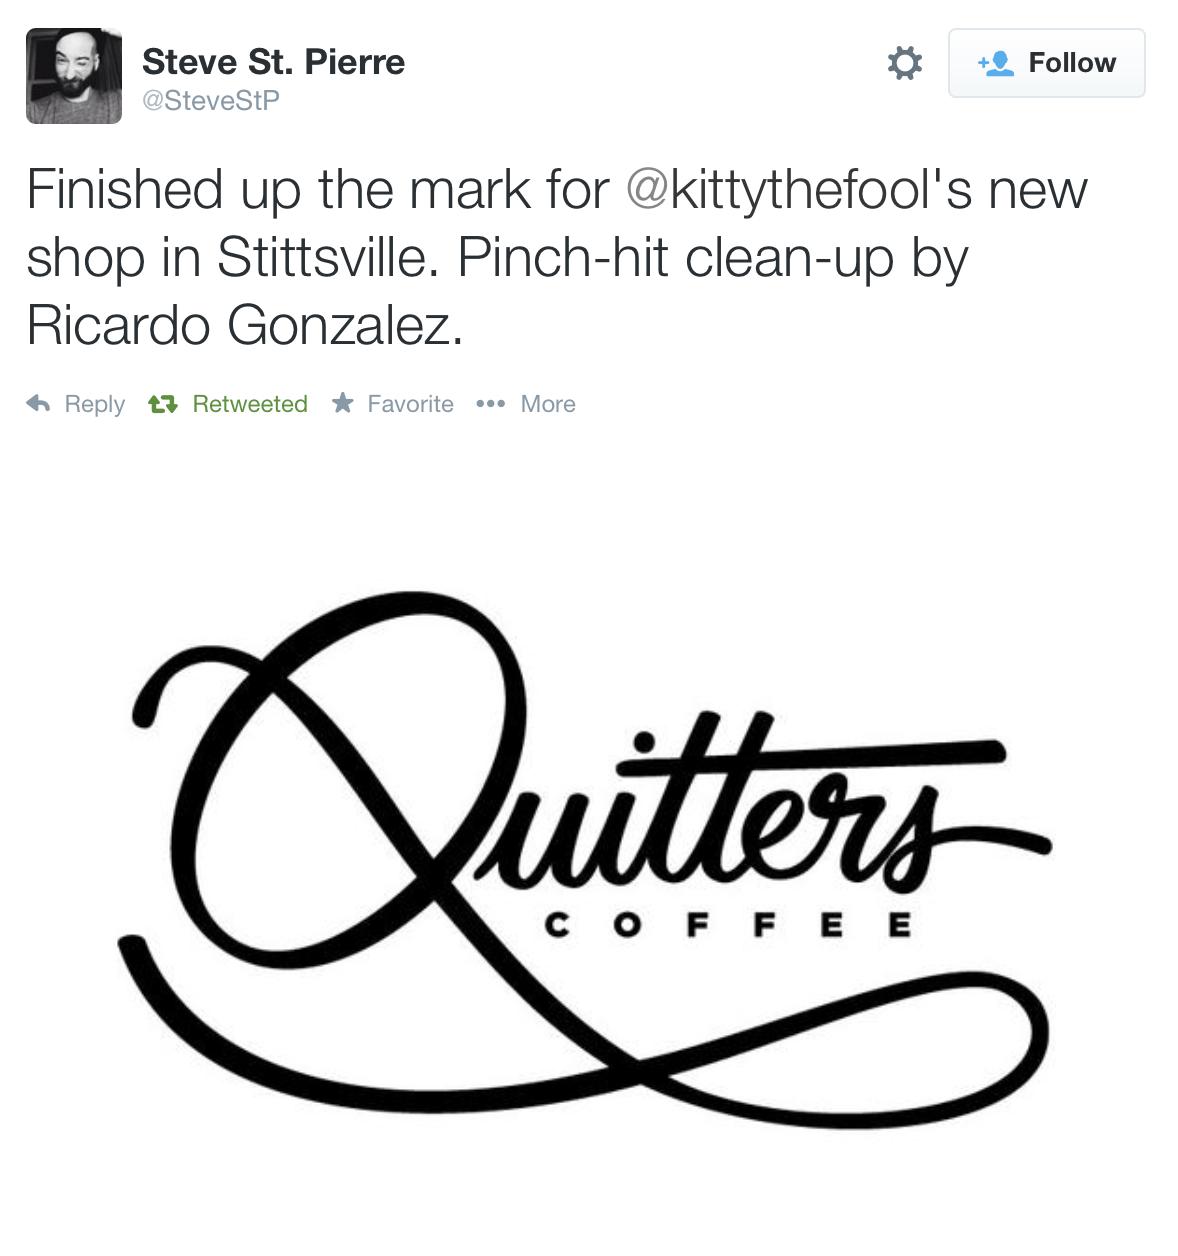 Quitters logo by Steve St. Piierre